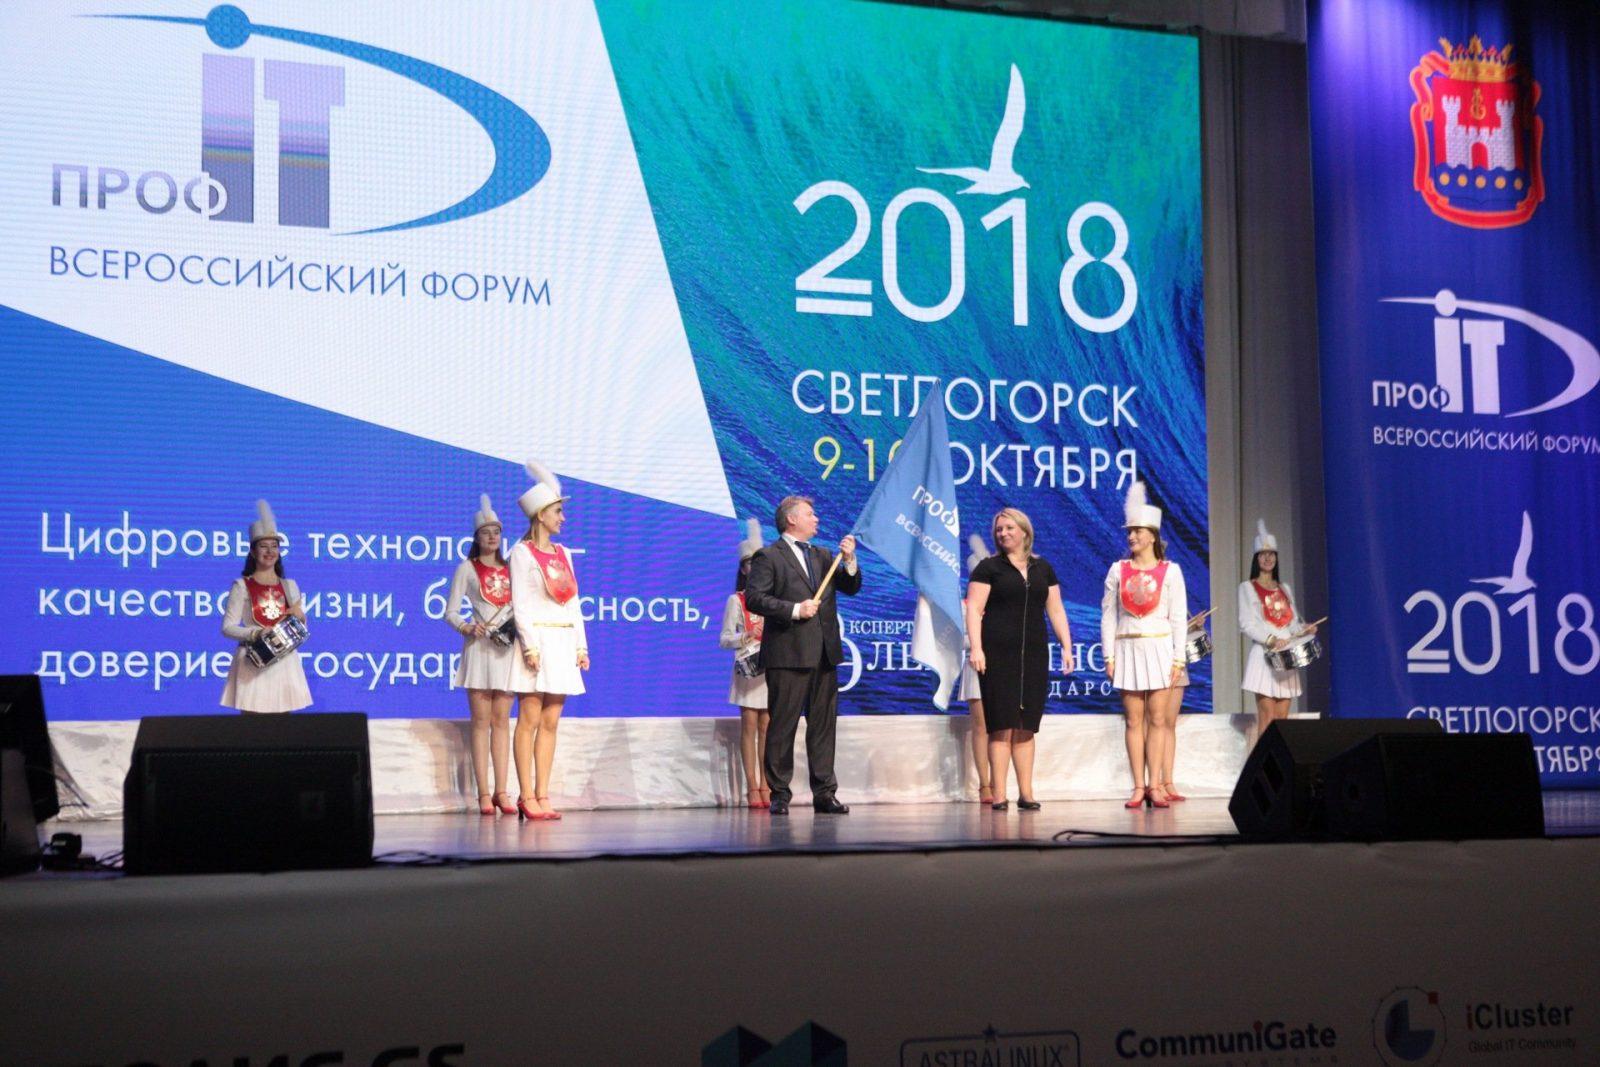 В Светлогорске стартовал форум «ПРОФ-IT.2018»: цифровые решения для повышения качества жизни